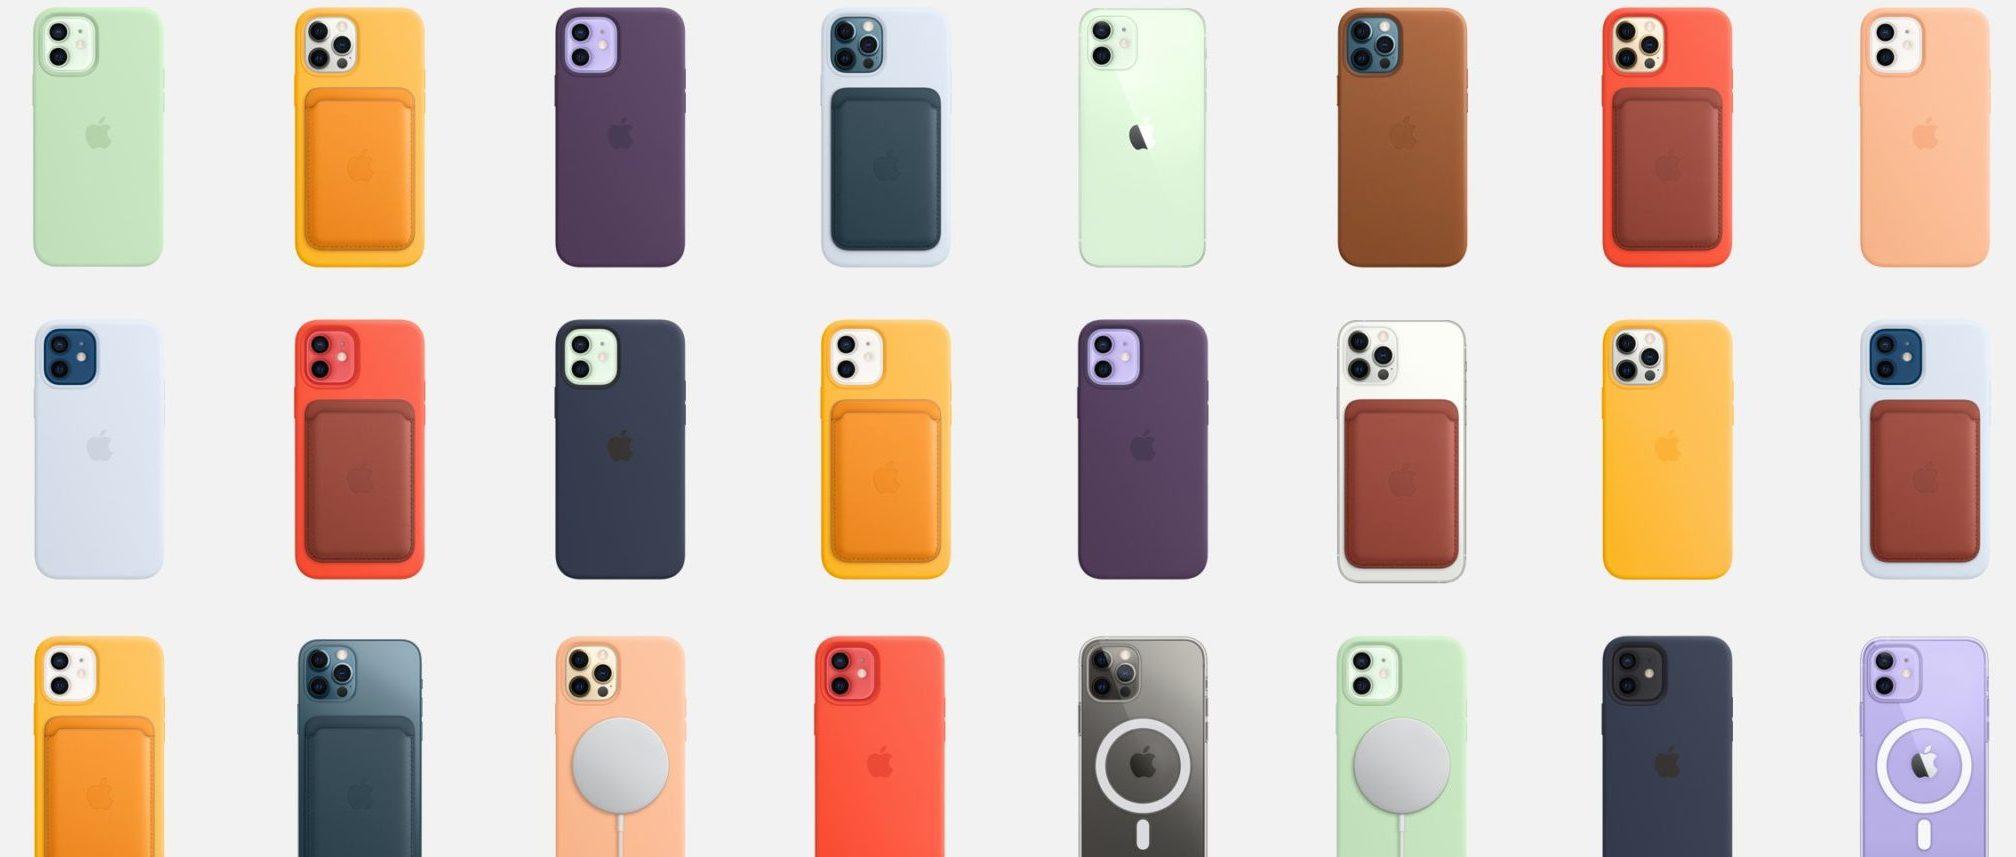 Le cover per iPhone 12 sono in offerta s …